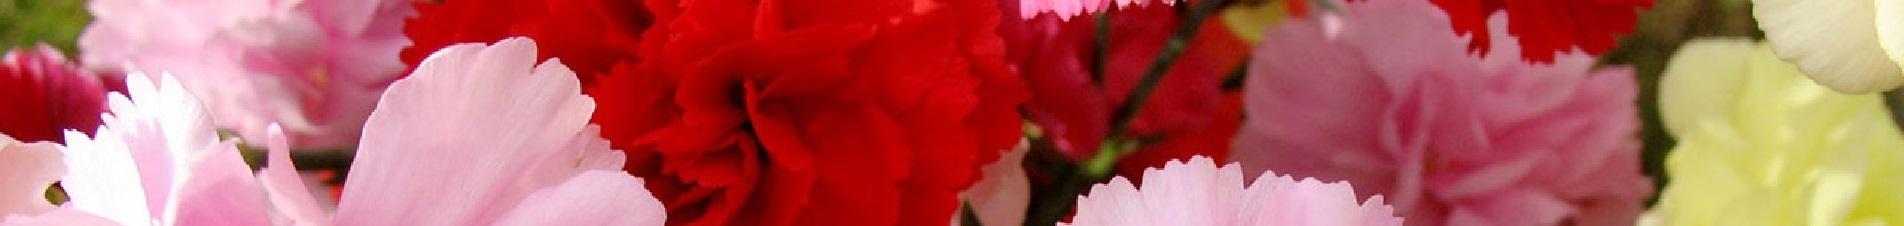 bloemen versturen naar  anjers